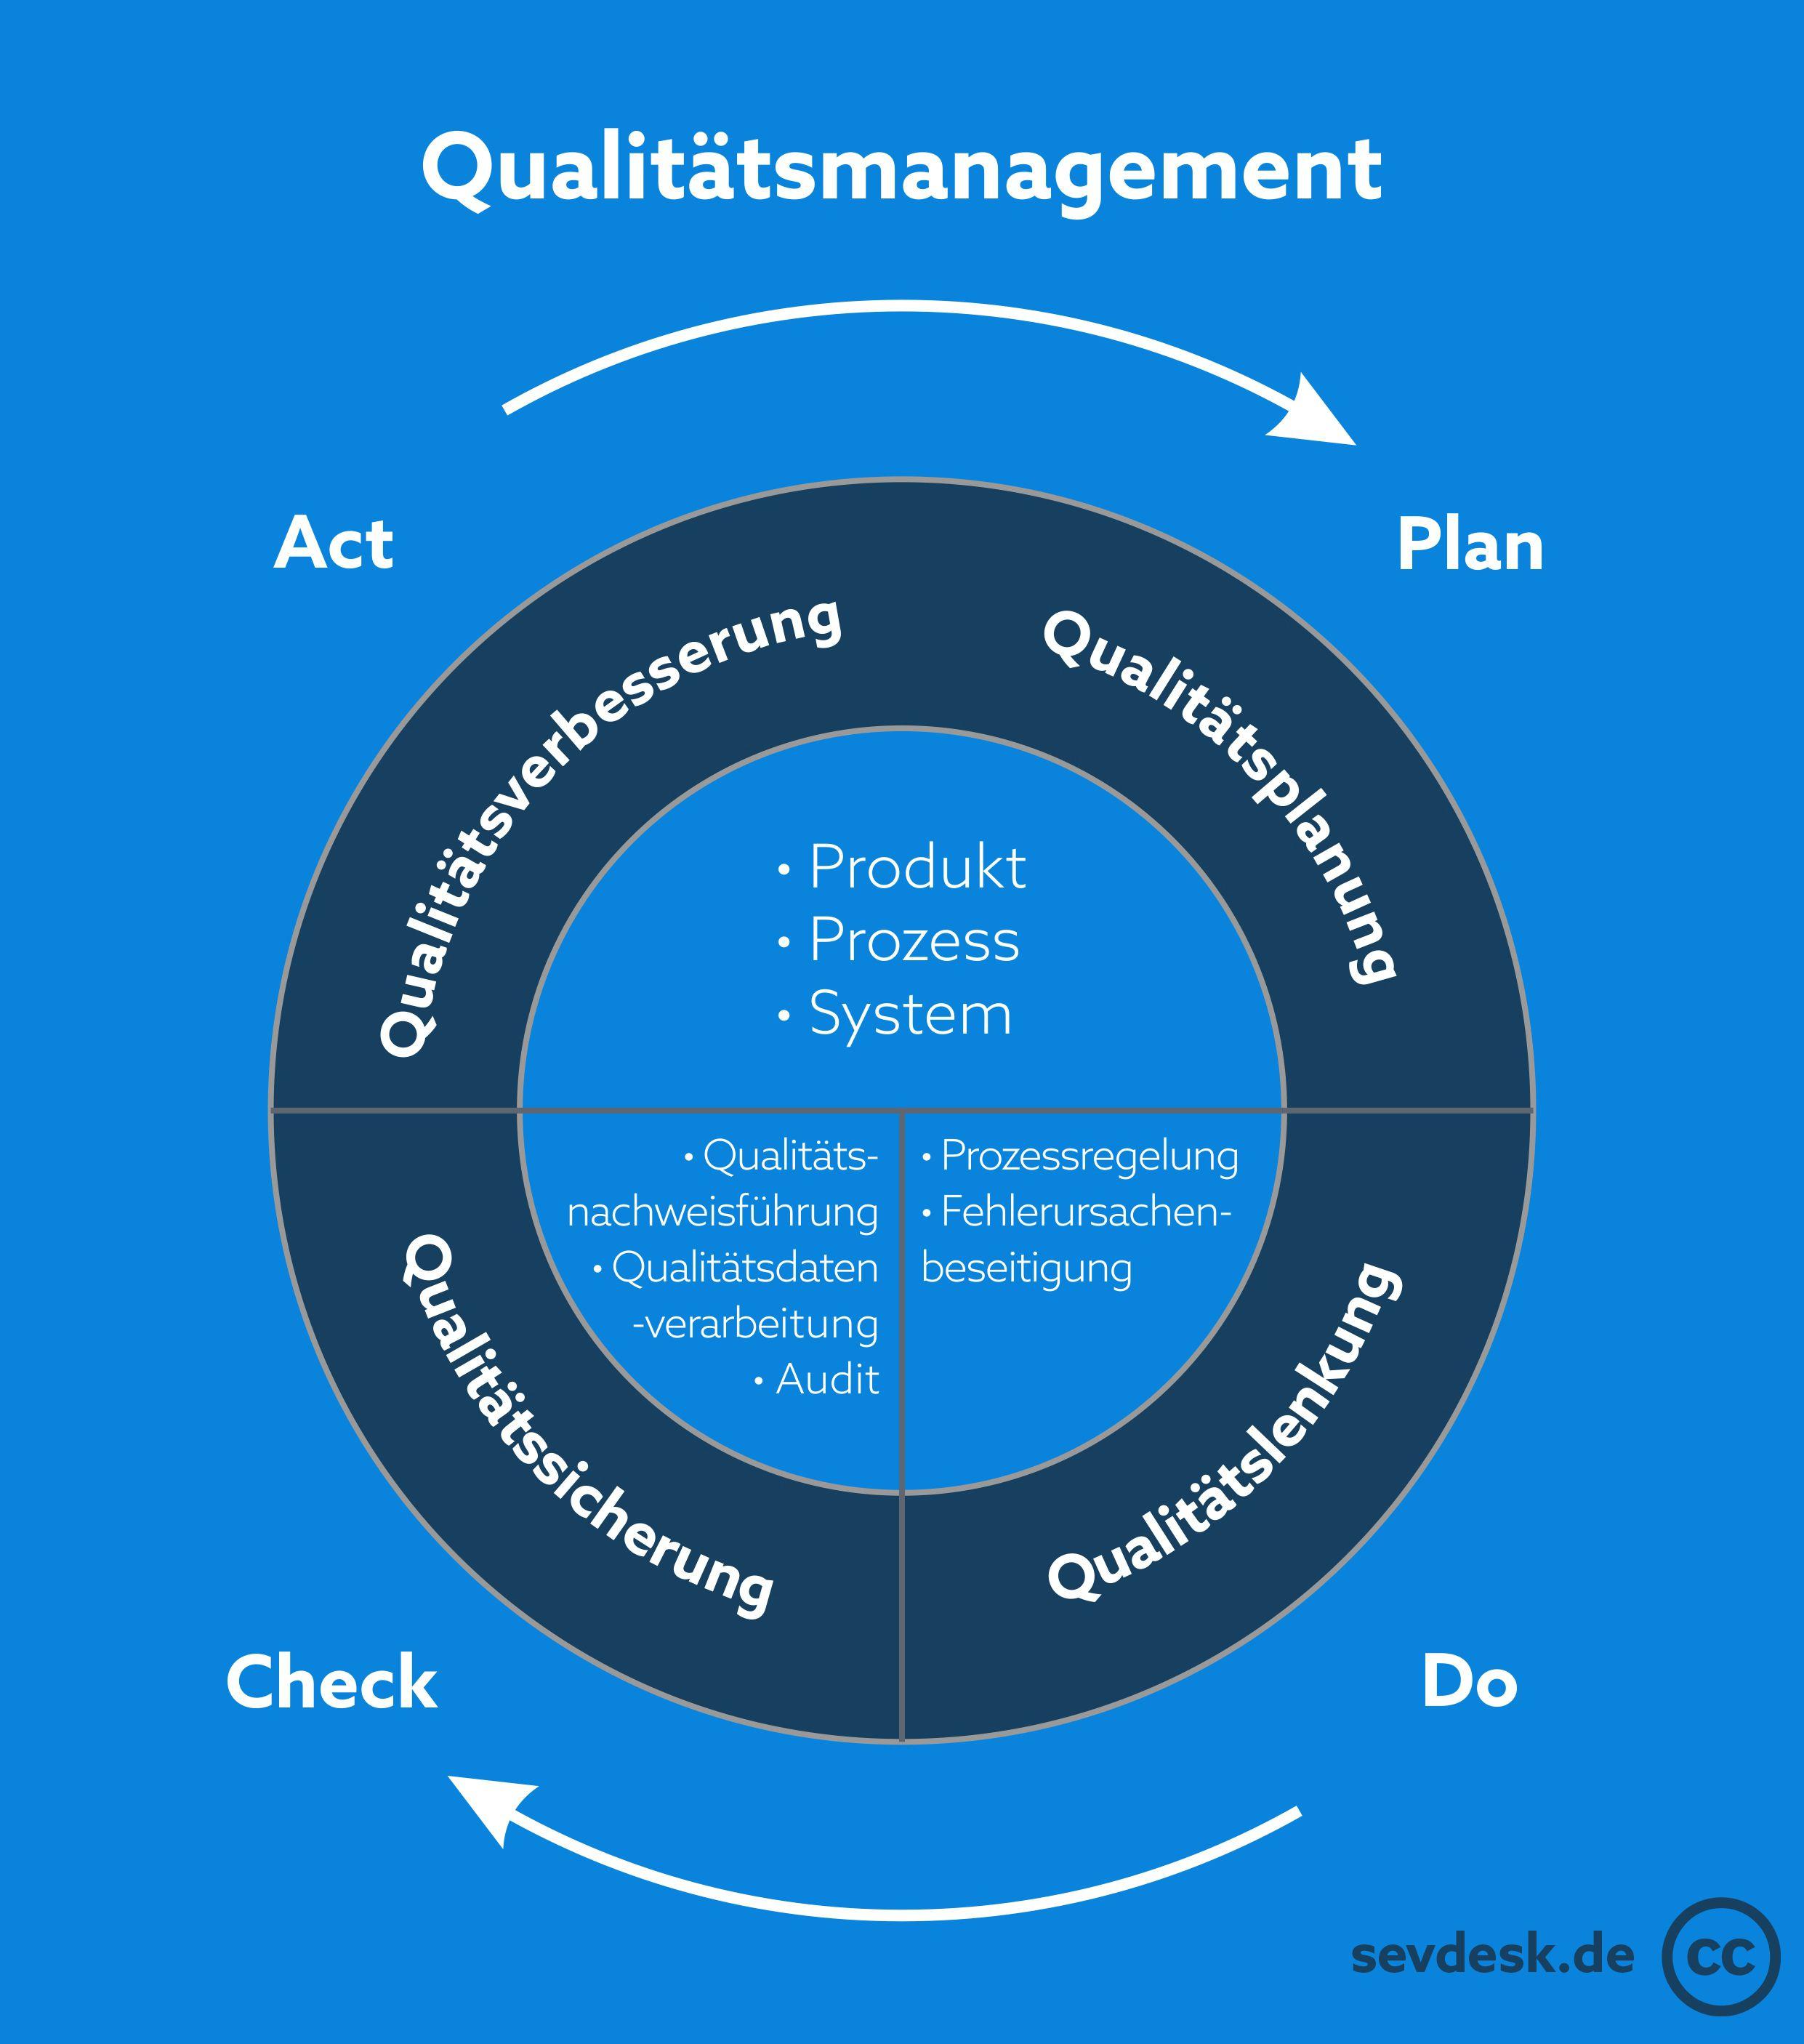 Qualitaetsmanagement Regelkreis